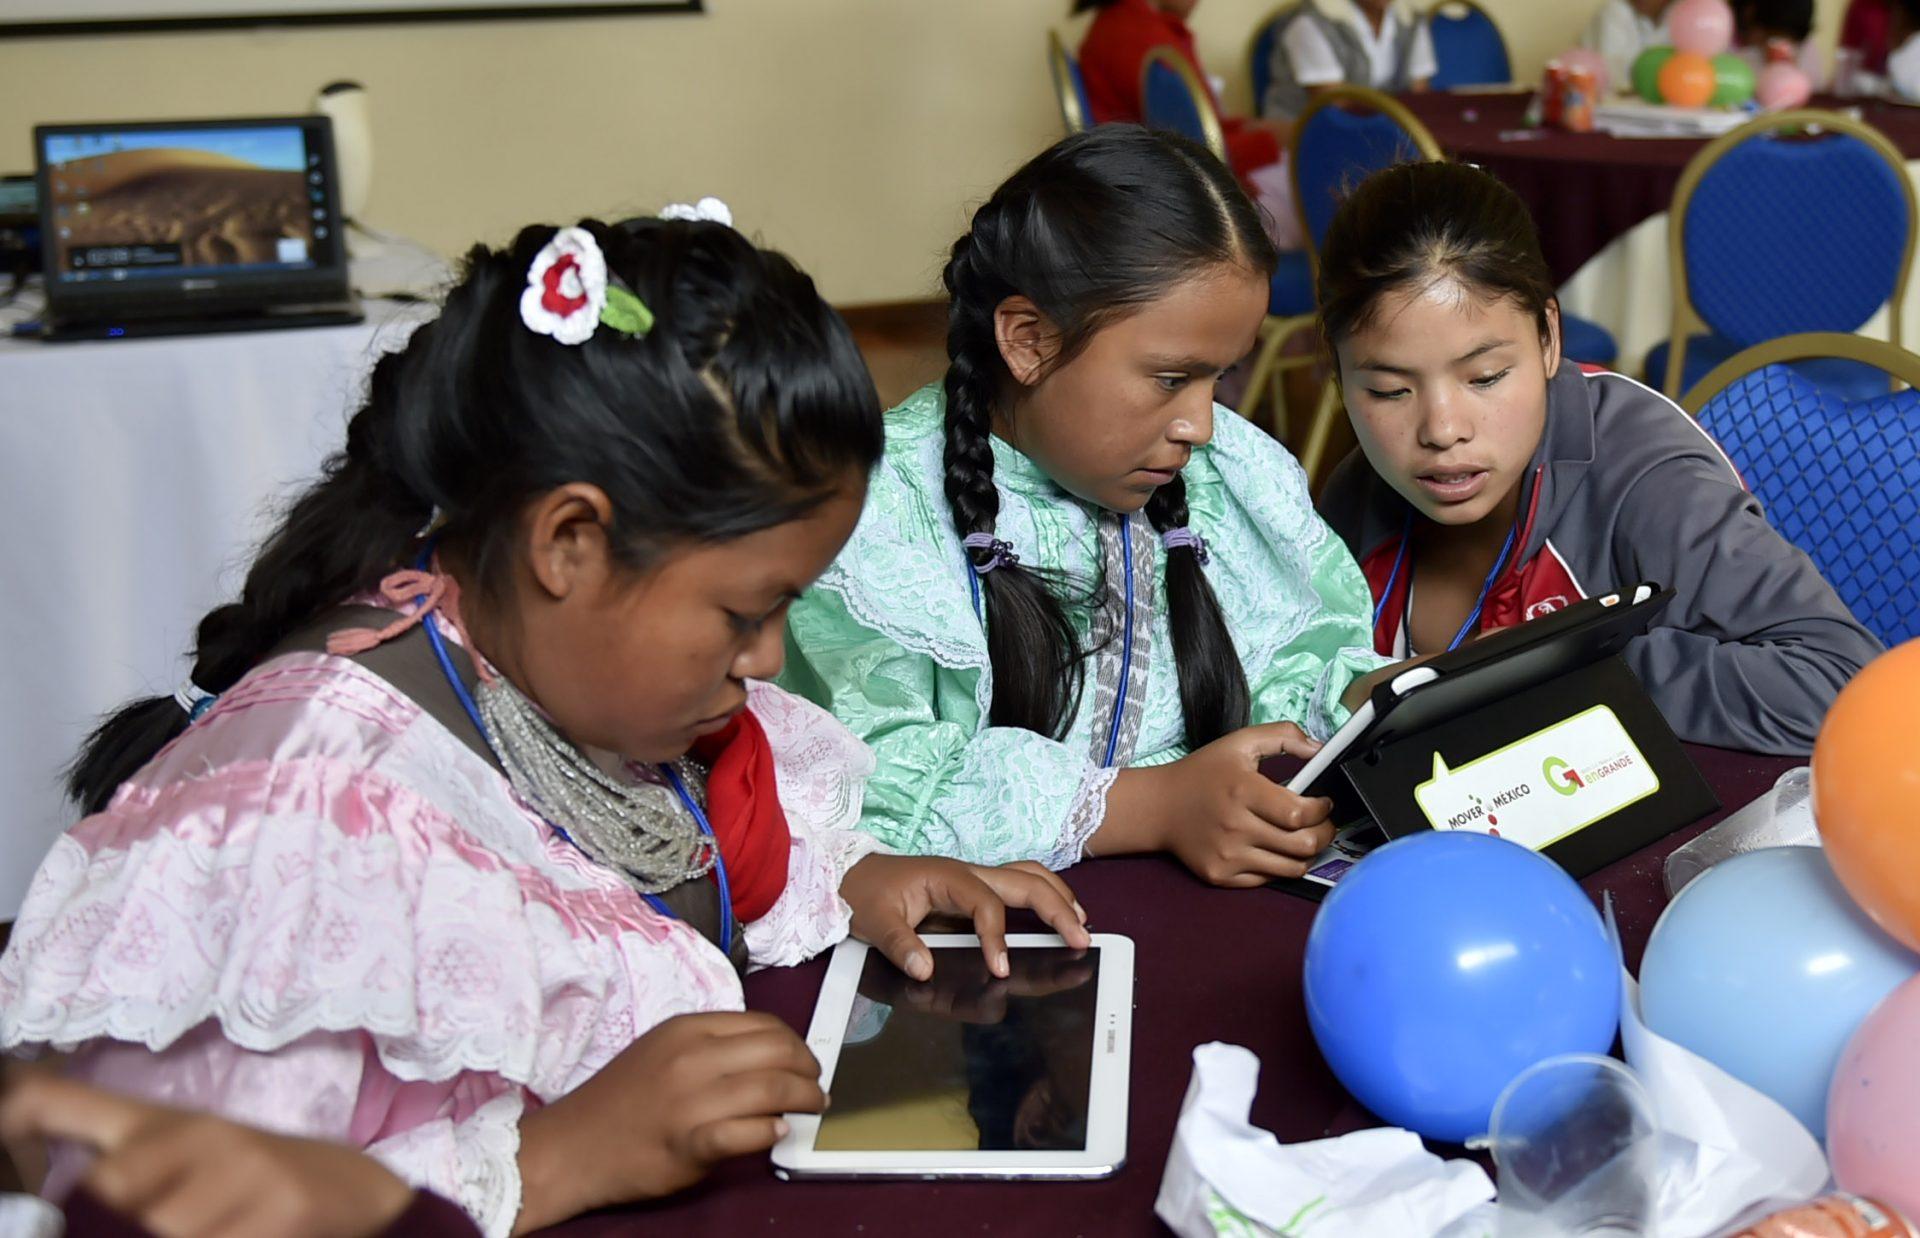 Crianças utilizando tablets